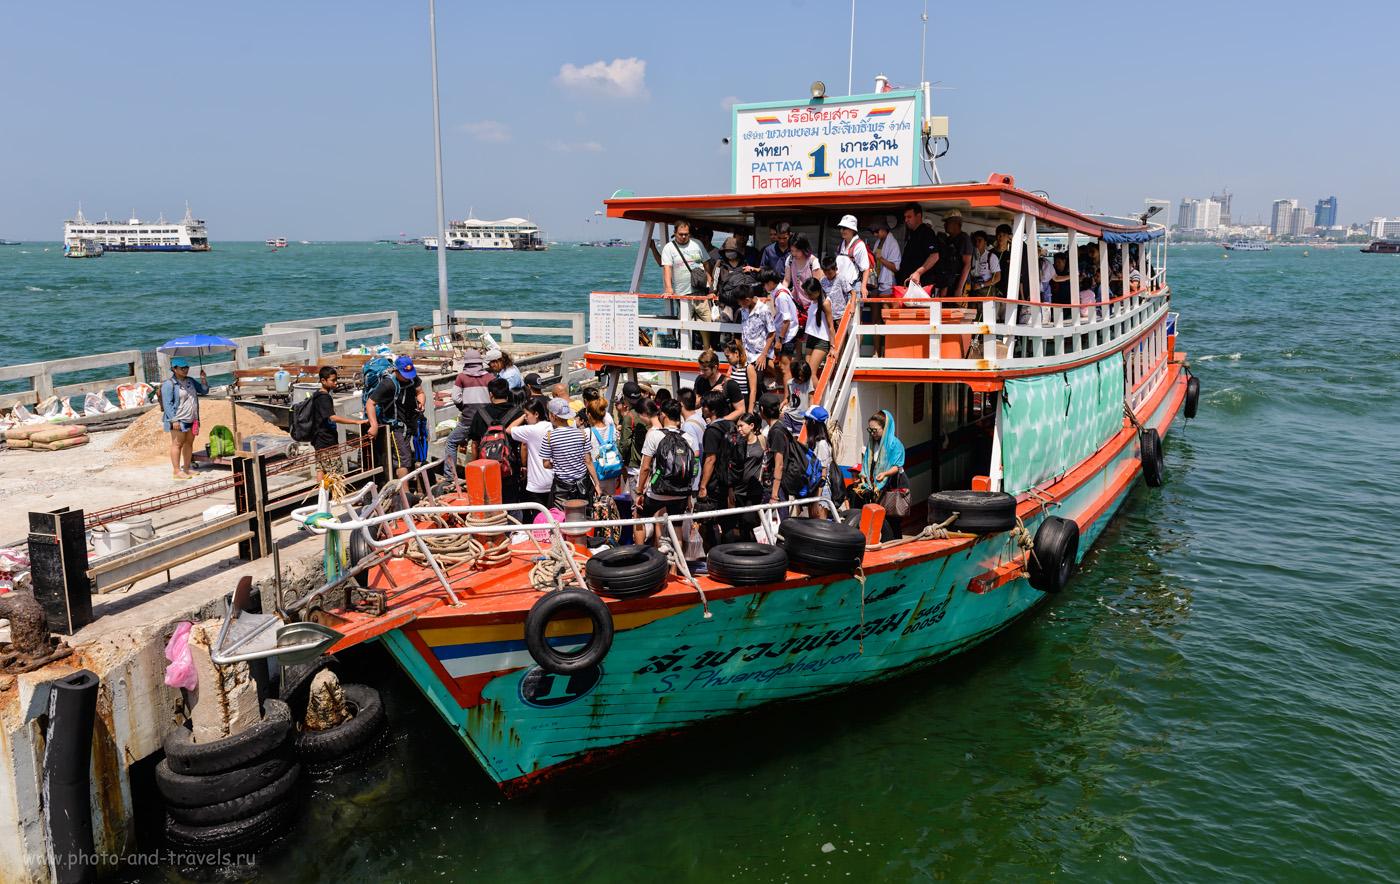 Фотография 12. На таких паромах можно за 30 бат доплыть с пирса «Бали Хай» (Bali Hai Pier) с Паттайи на остров Ко Лан (Koh Larn). Отчет об отдыхе в Таиланде самостоятельно. 1/400, -0.33, 6.3, 100, 27.